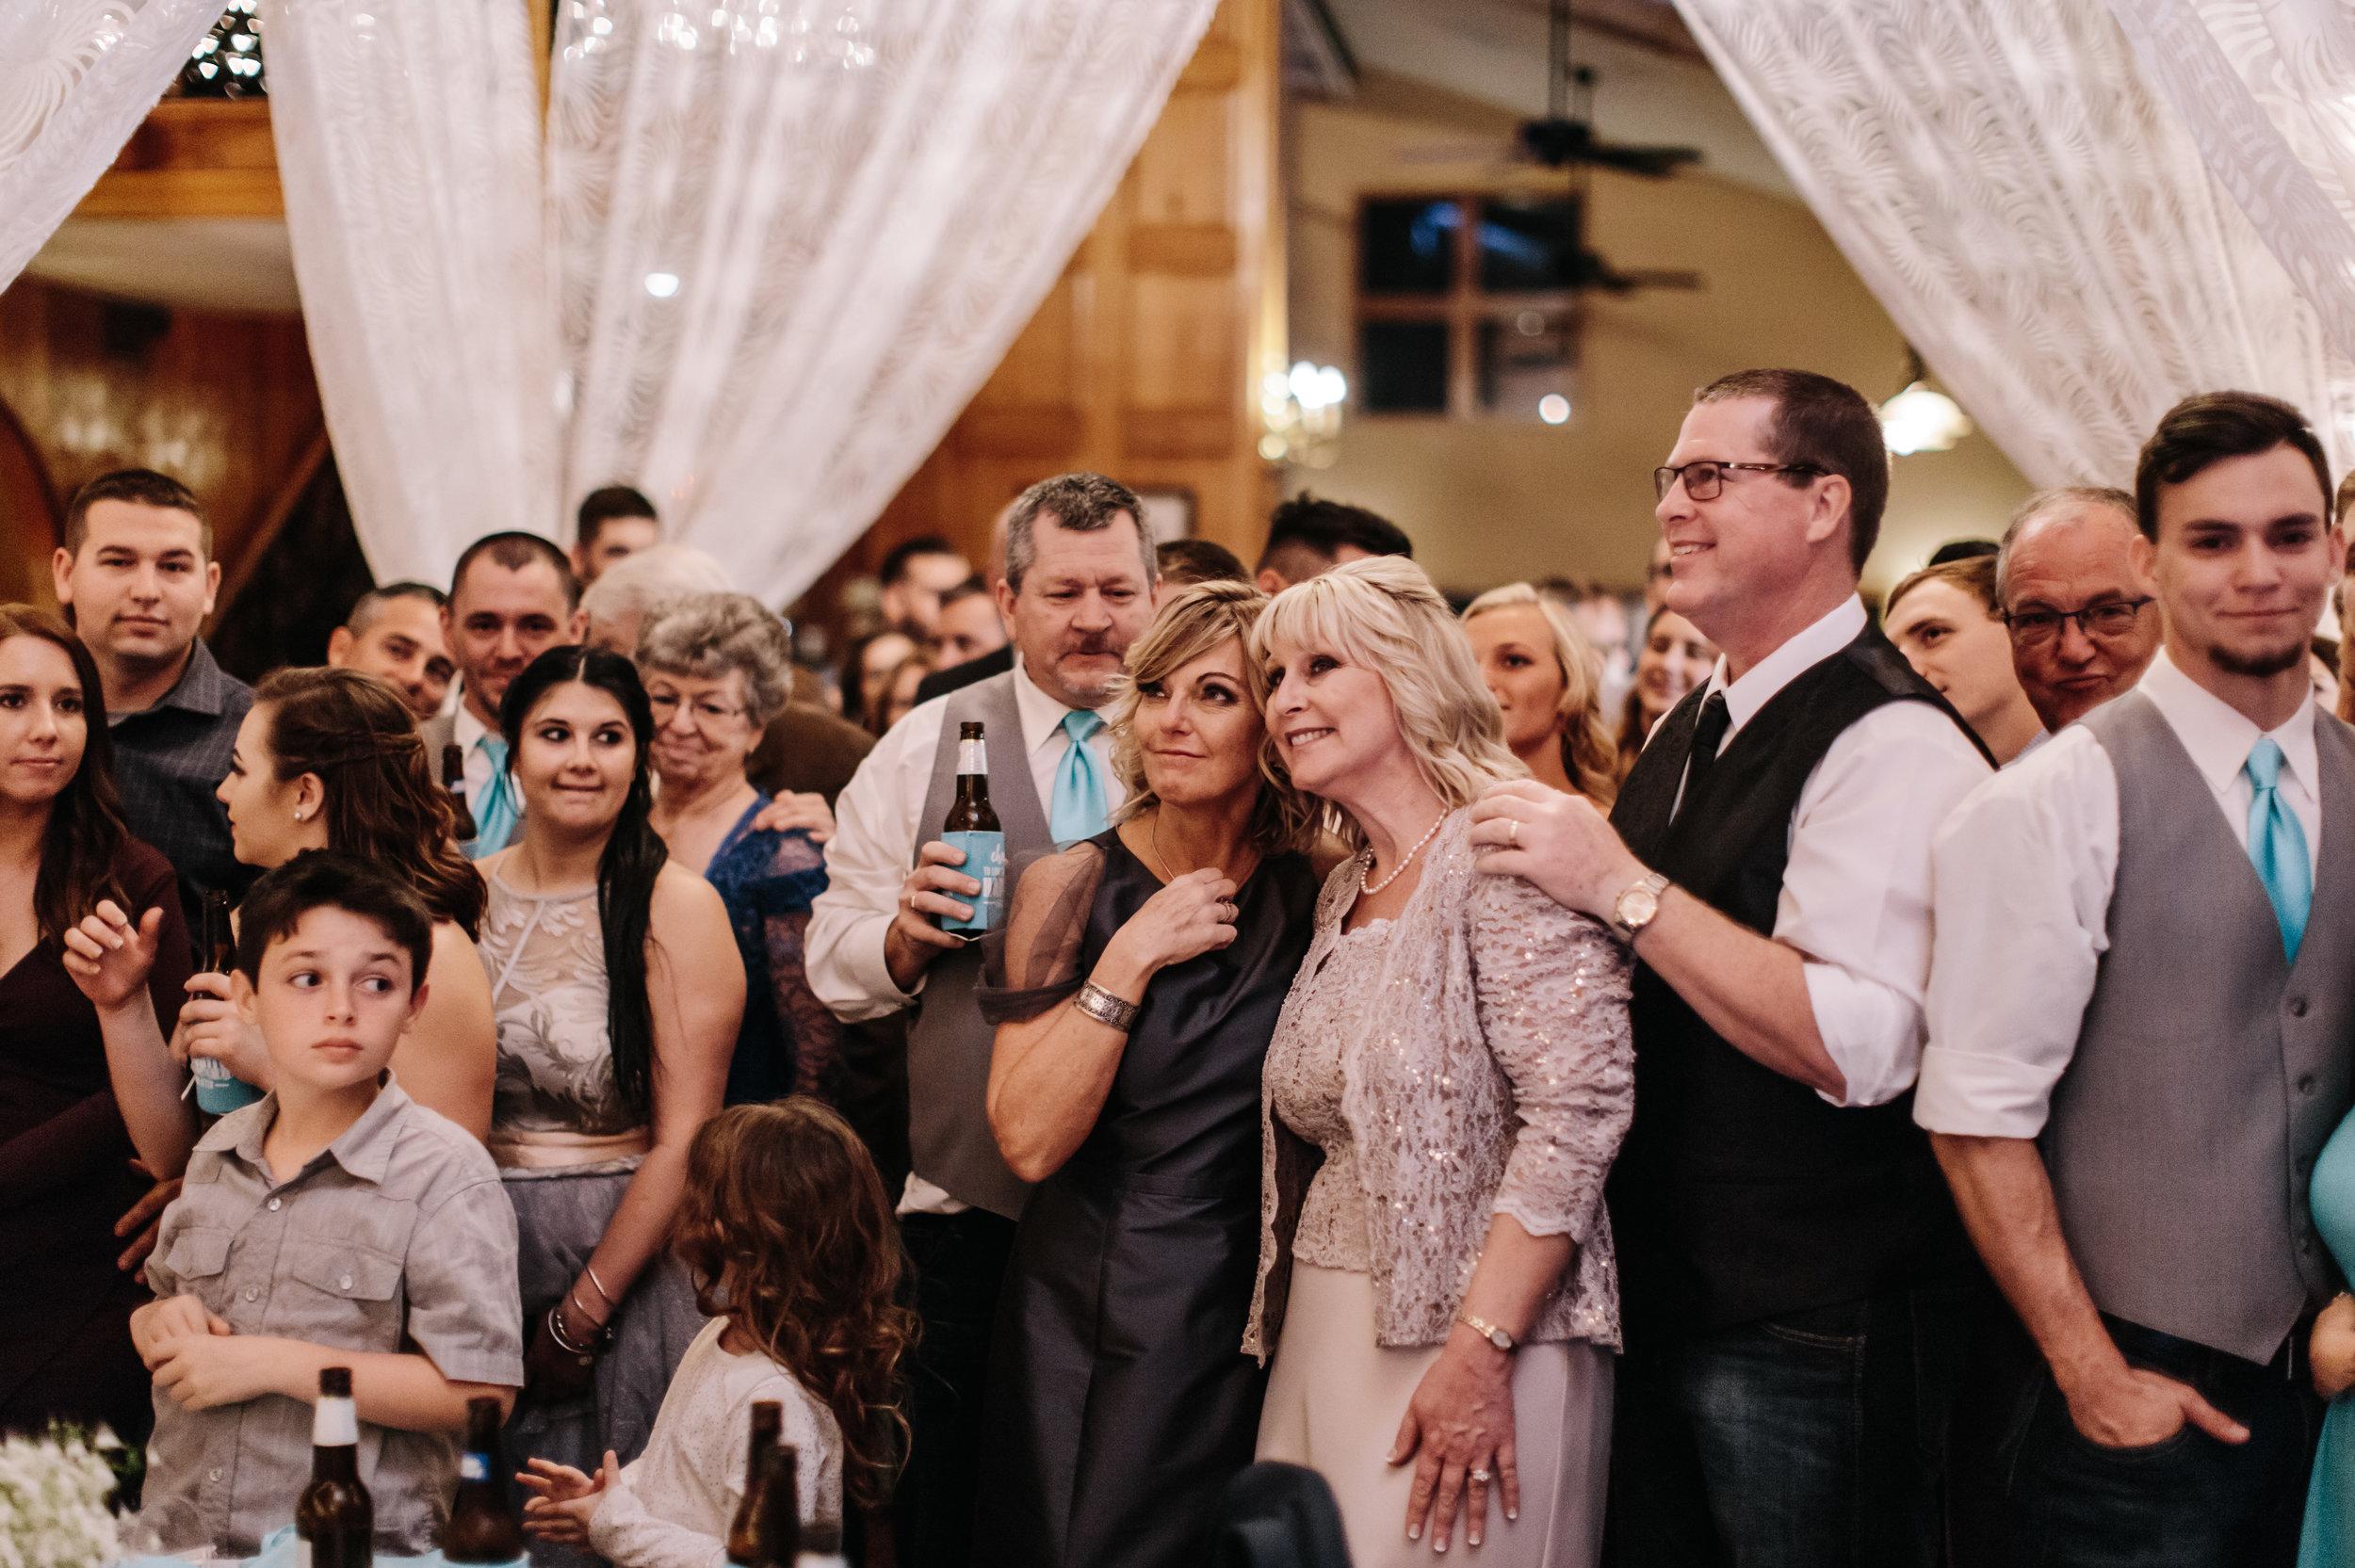 2018.02.10 Mariah and Ryan Baker Estate on Halifax Wedding (1189 of 1218).jpg